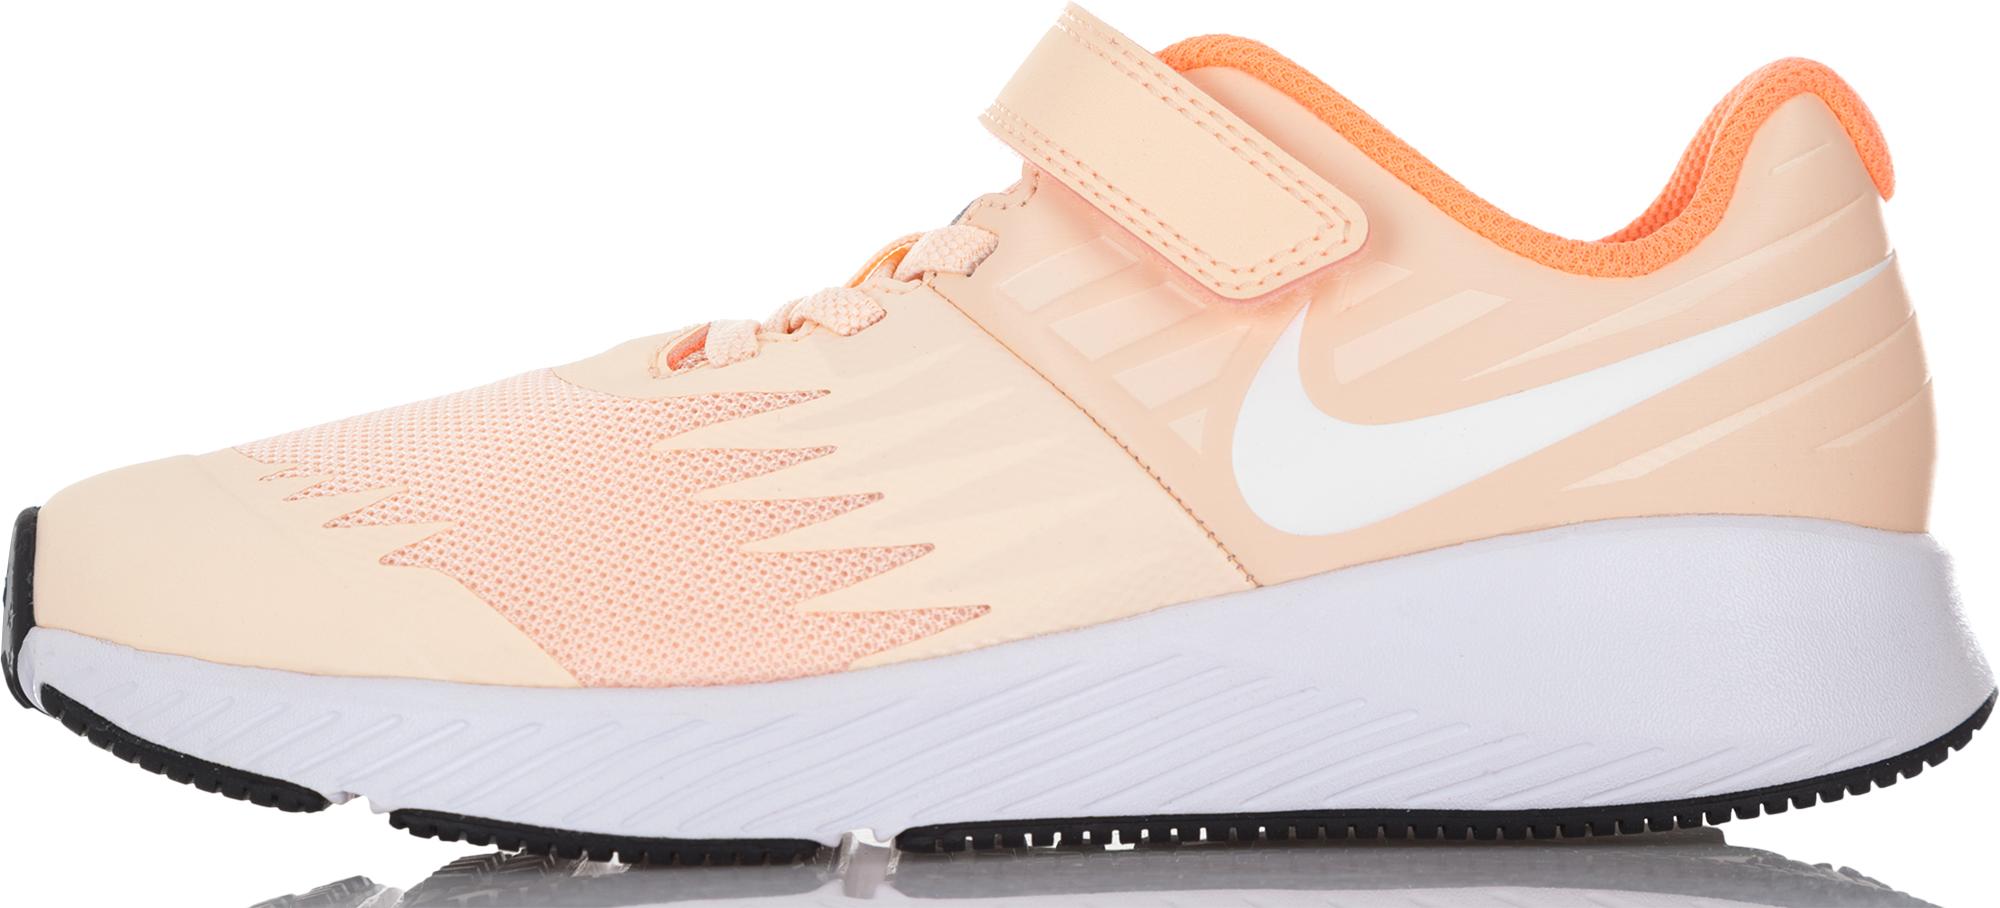 Nike Кроссовки для девочек Nike Star Runner кроссовки nike кроссовки nike md runner 2